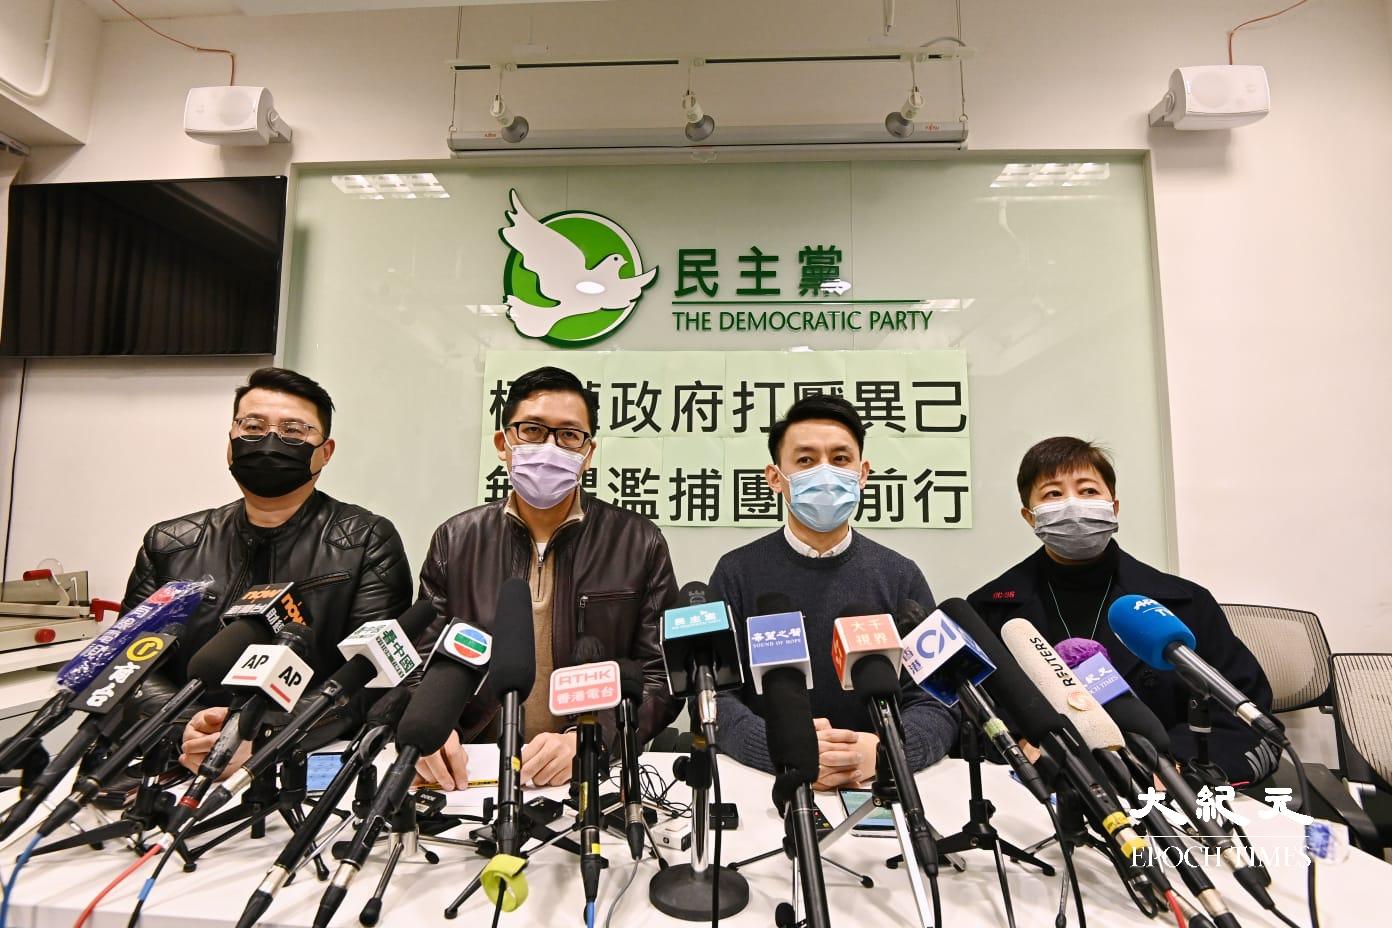 民主黨1月8日對「初選大搜捕」事件作出回應,認為是政治打壓,對此感到憤怒,形容事件無理,亦無視香港法律。(宋碧龍/大紀元)